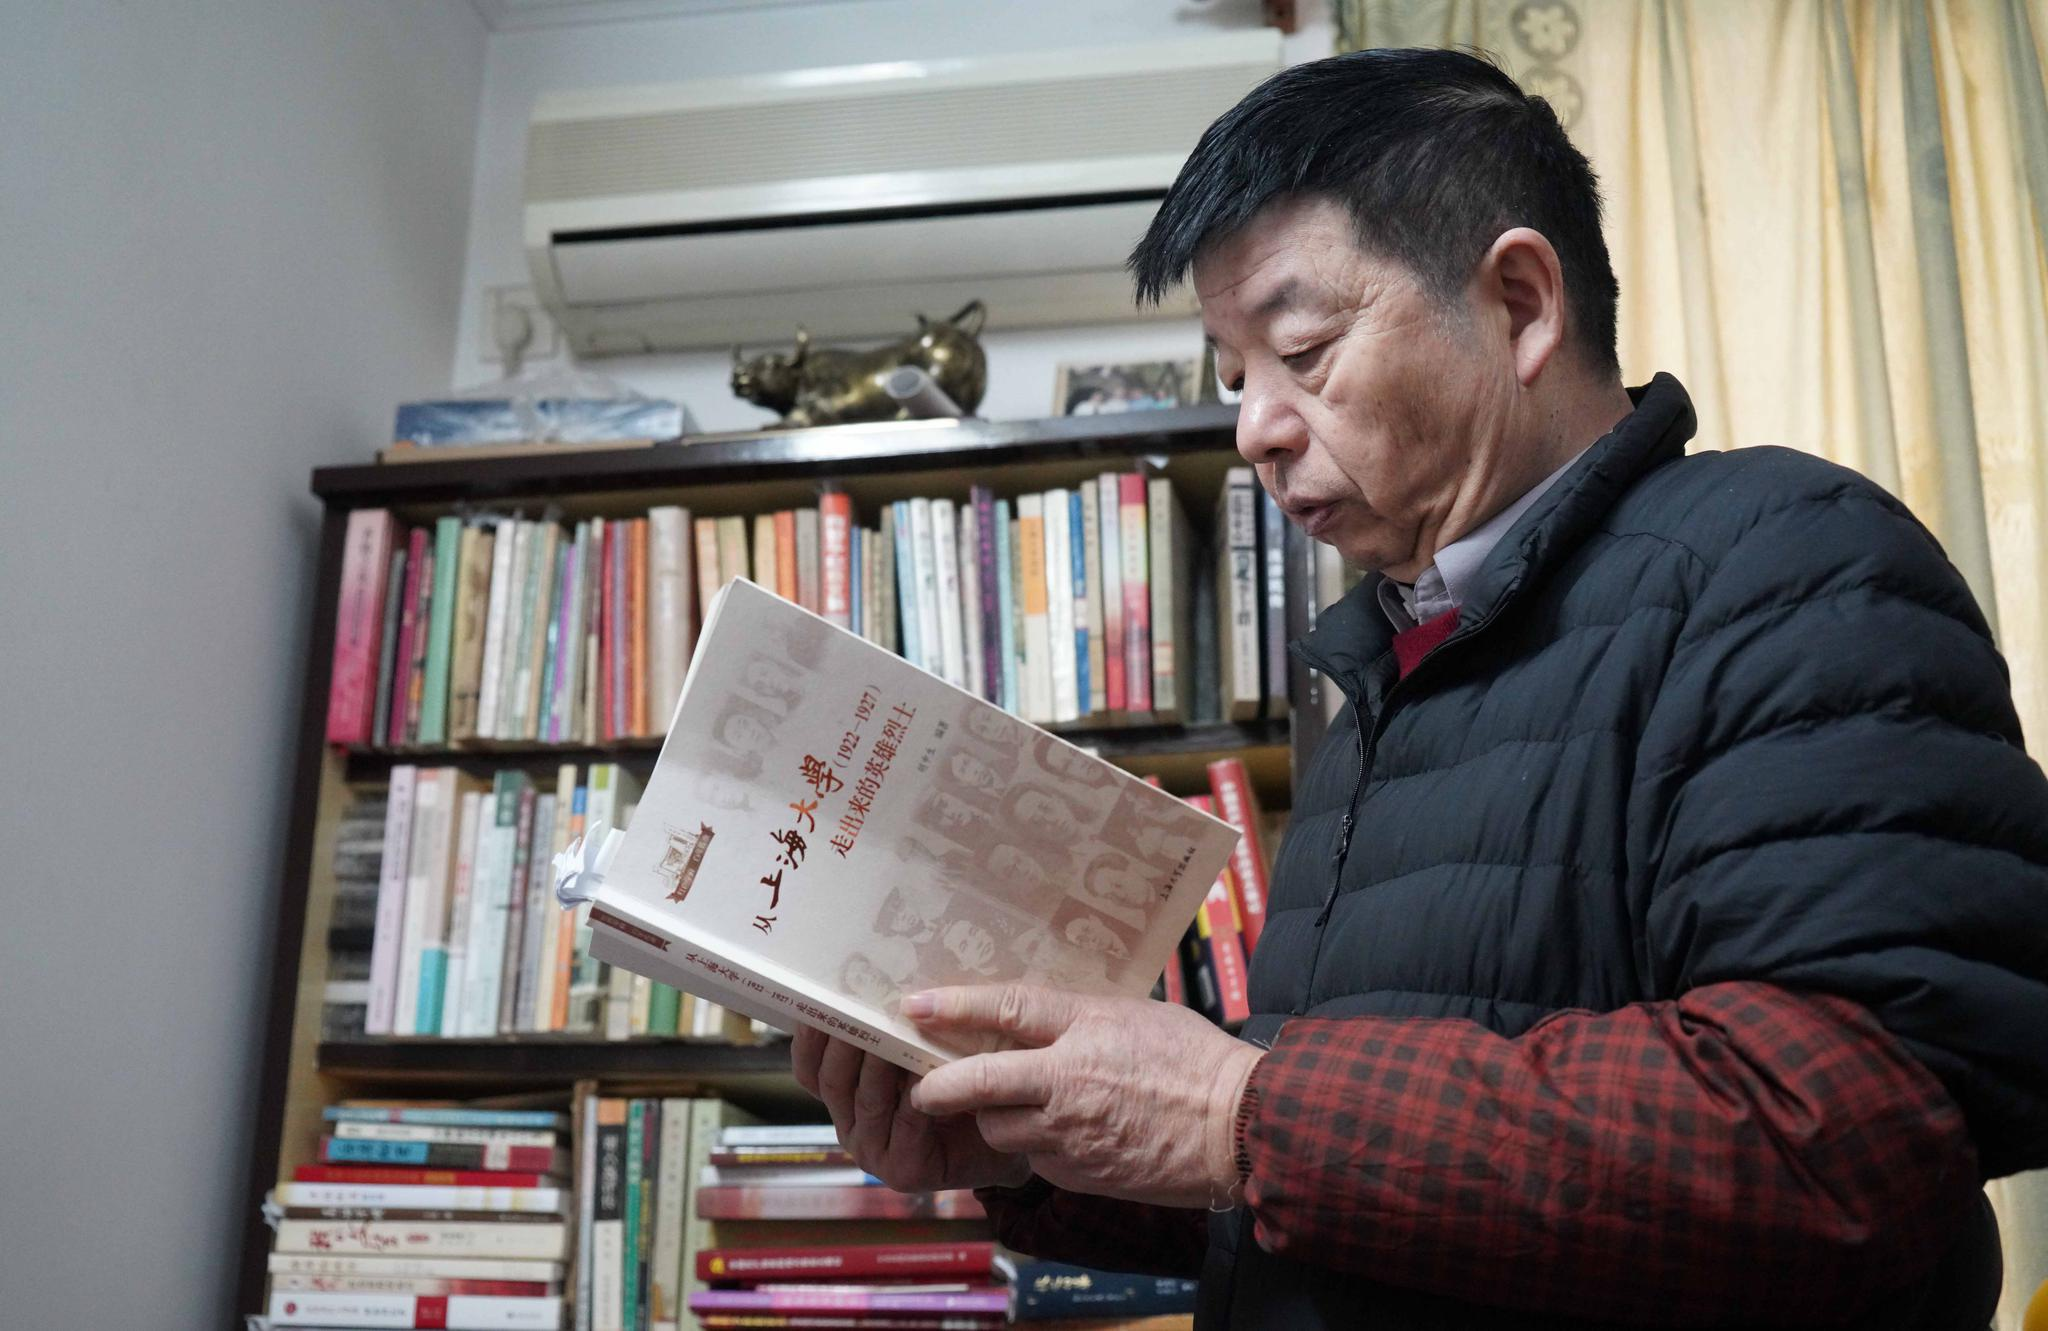 红色印记寻访 上大人40年接力考据溯源寻踪——专访老上大历史研究者胡申生